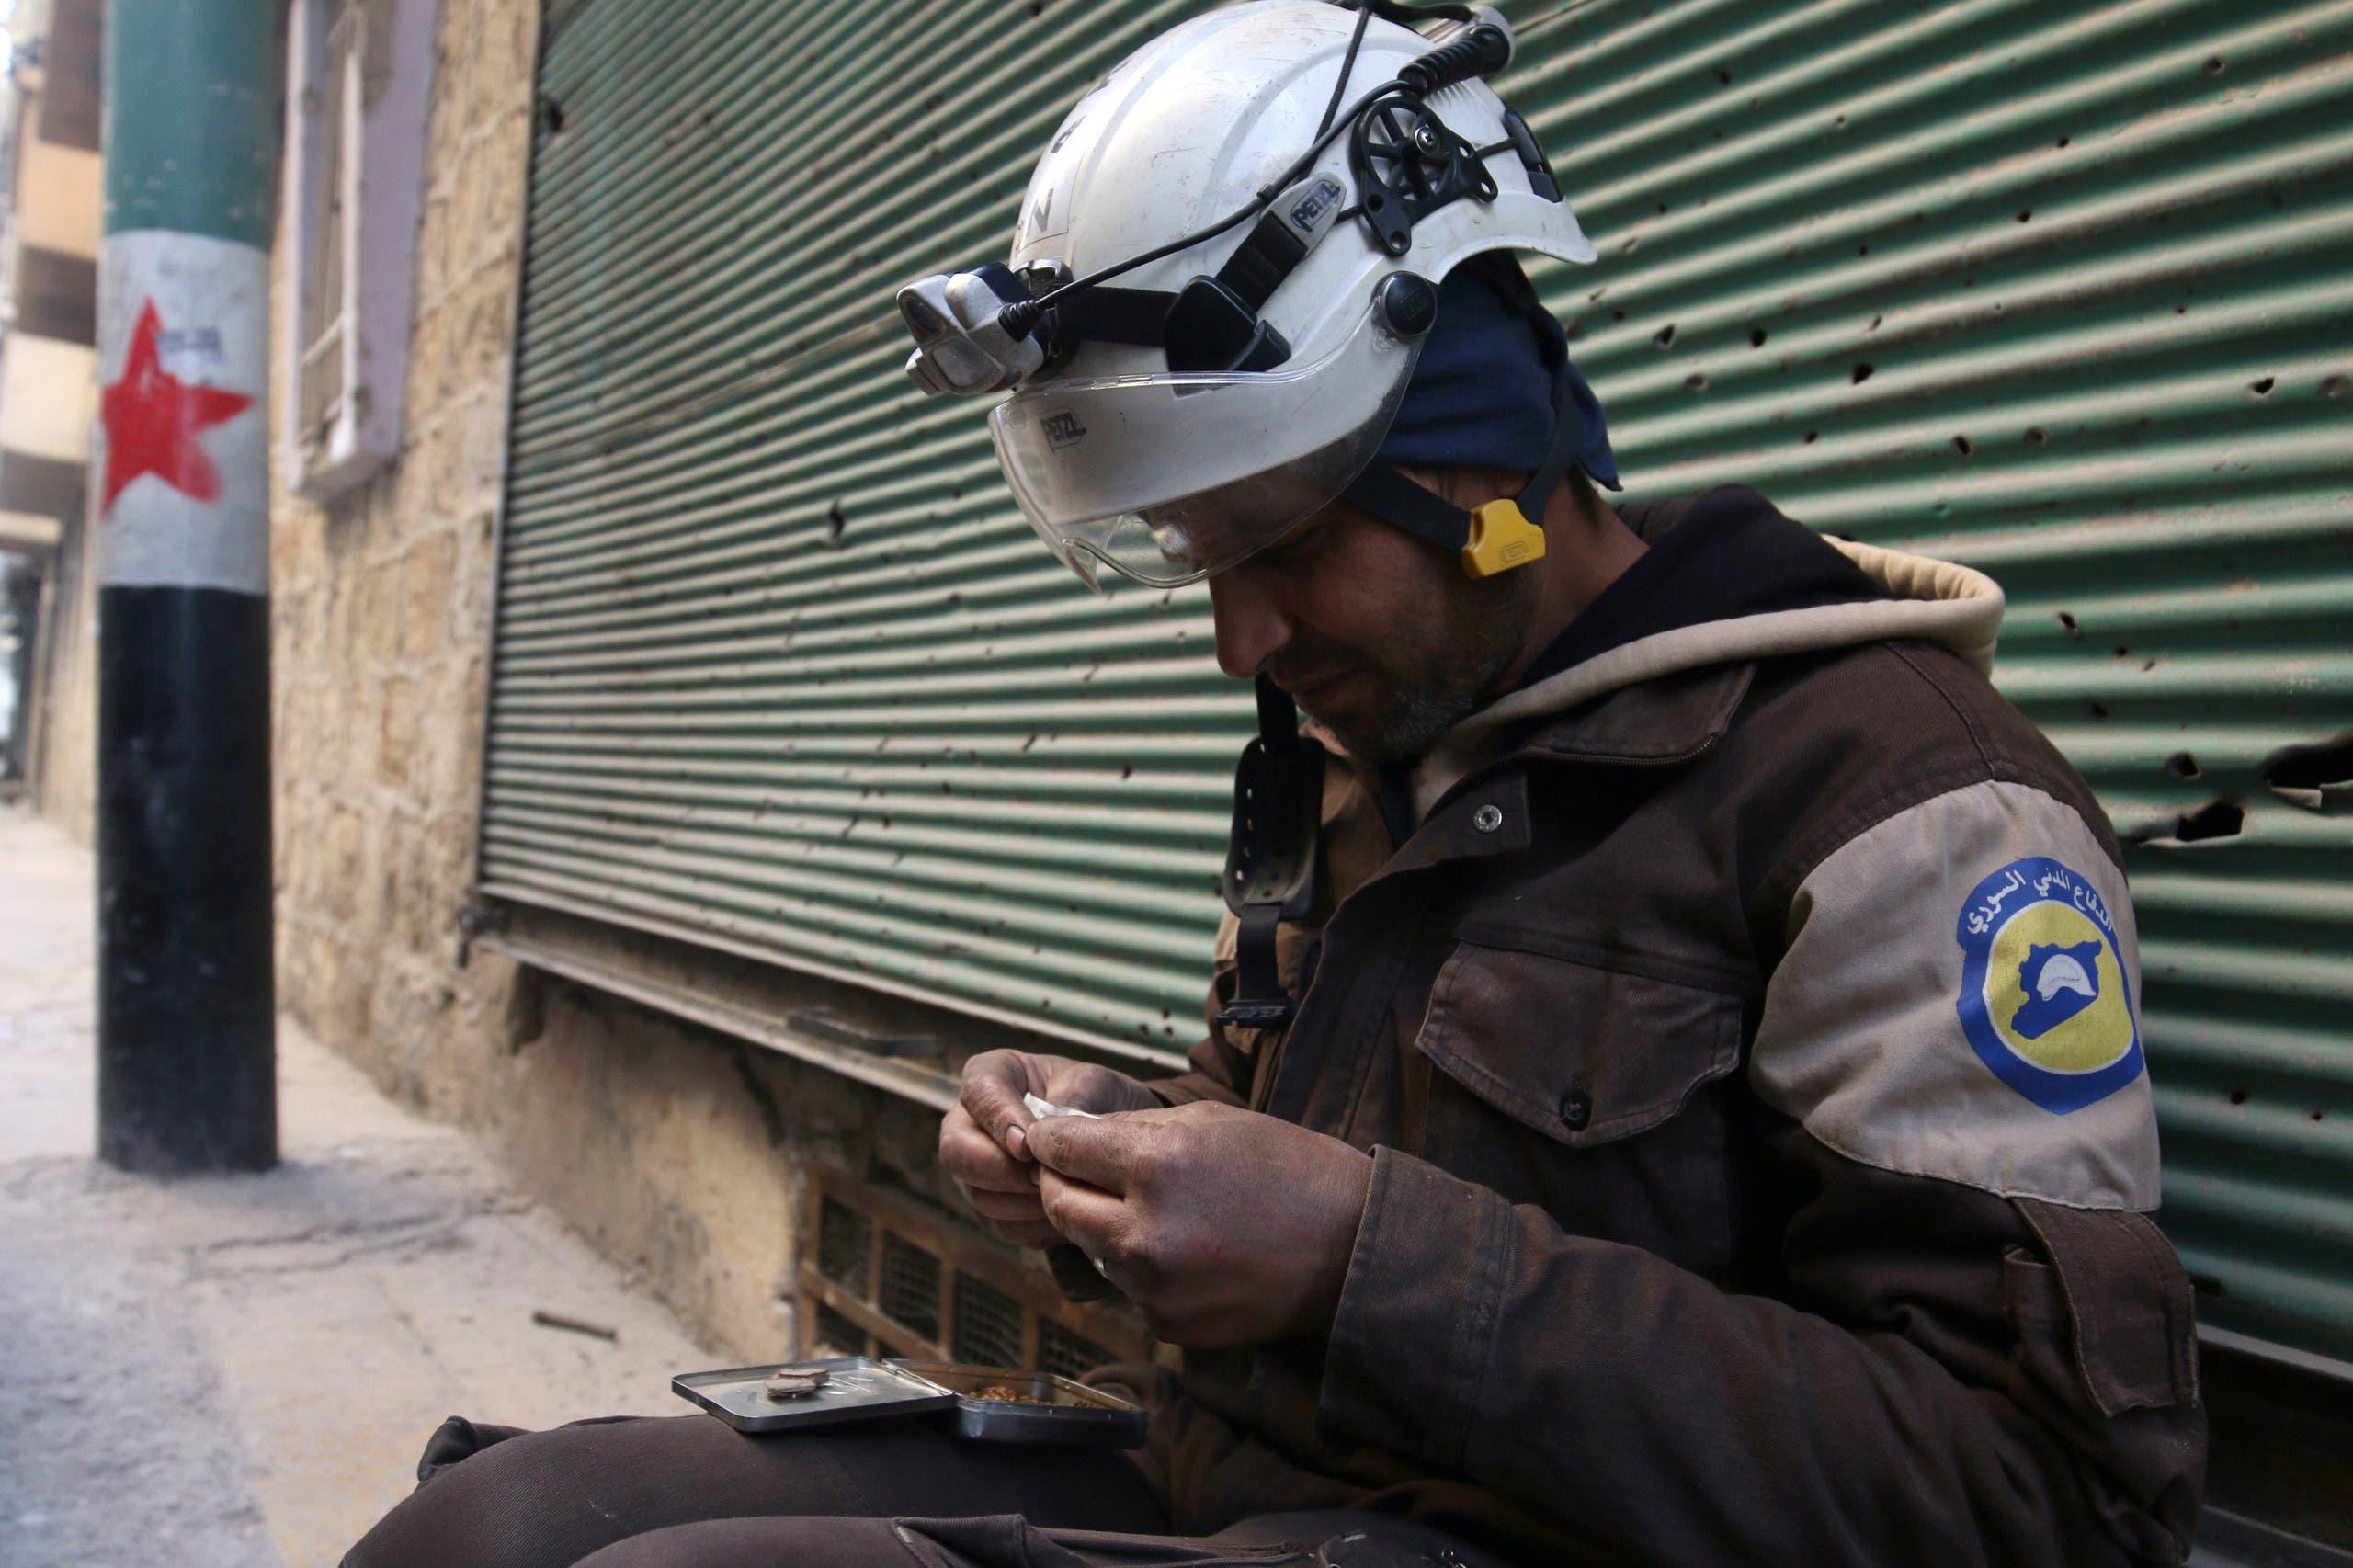 عنصر من الدفاع المدني يستريح ويدخن سيجارة في شرق حلب